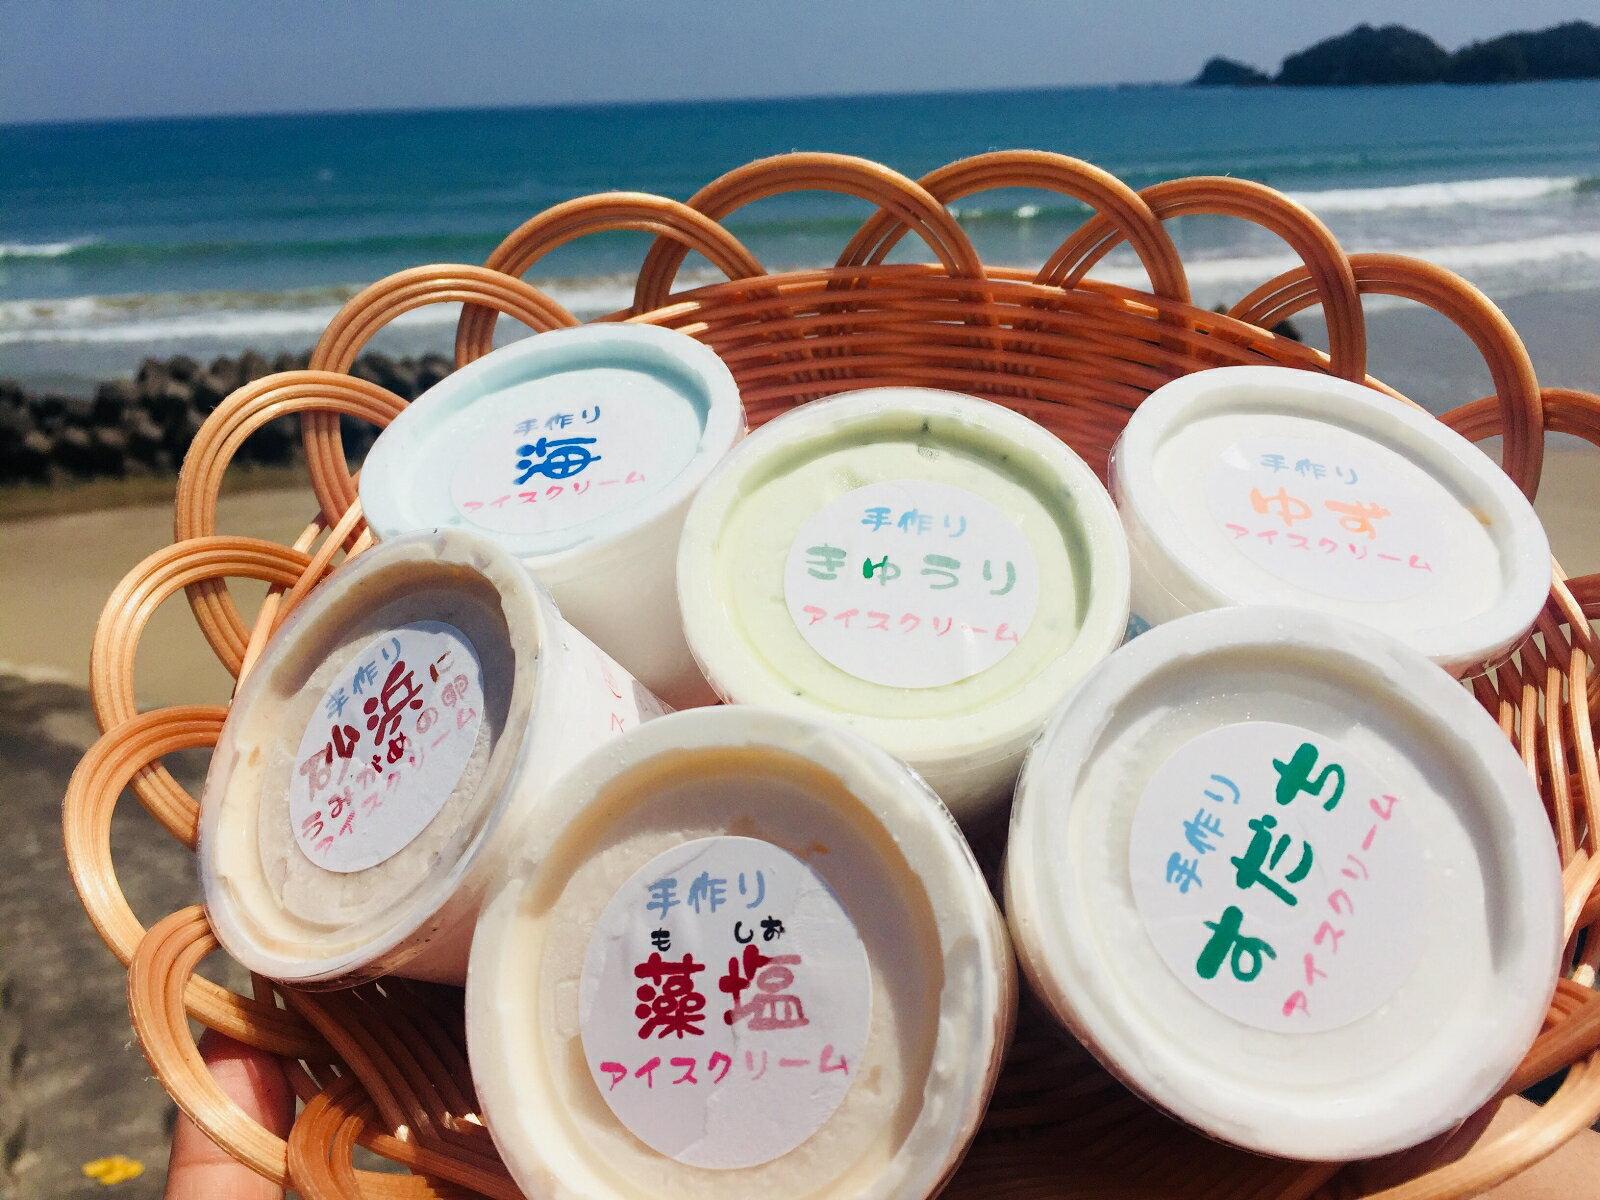 【ふるさと納税】SGN09 海陽町特製アイス ユニークな味6種類セット!